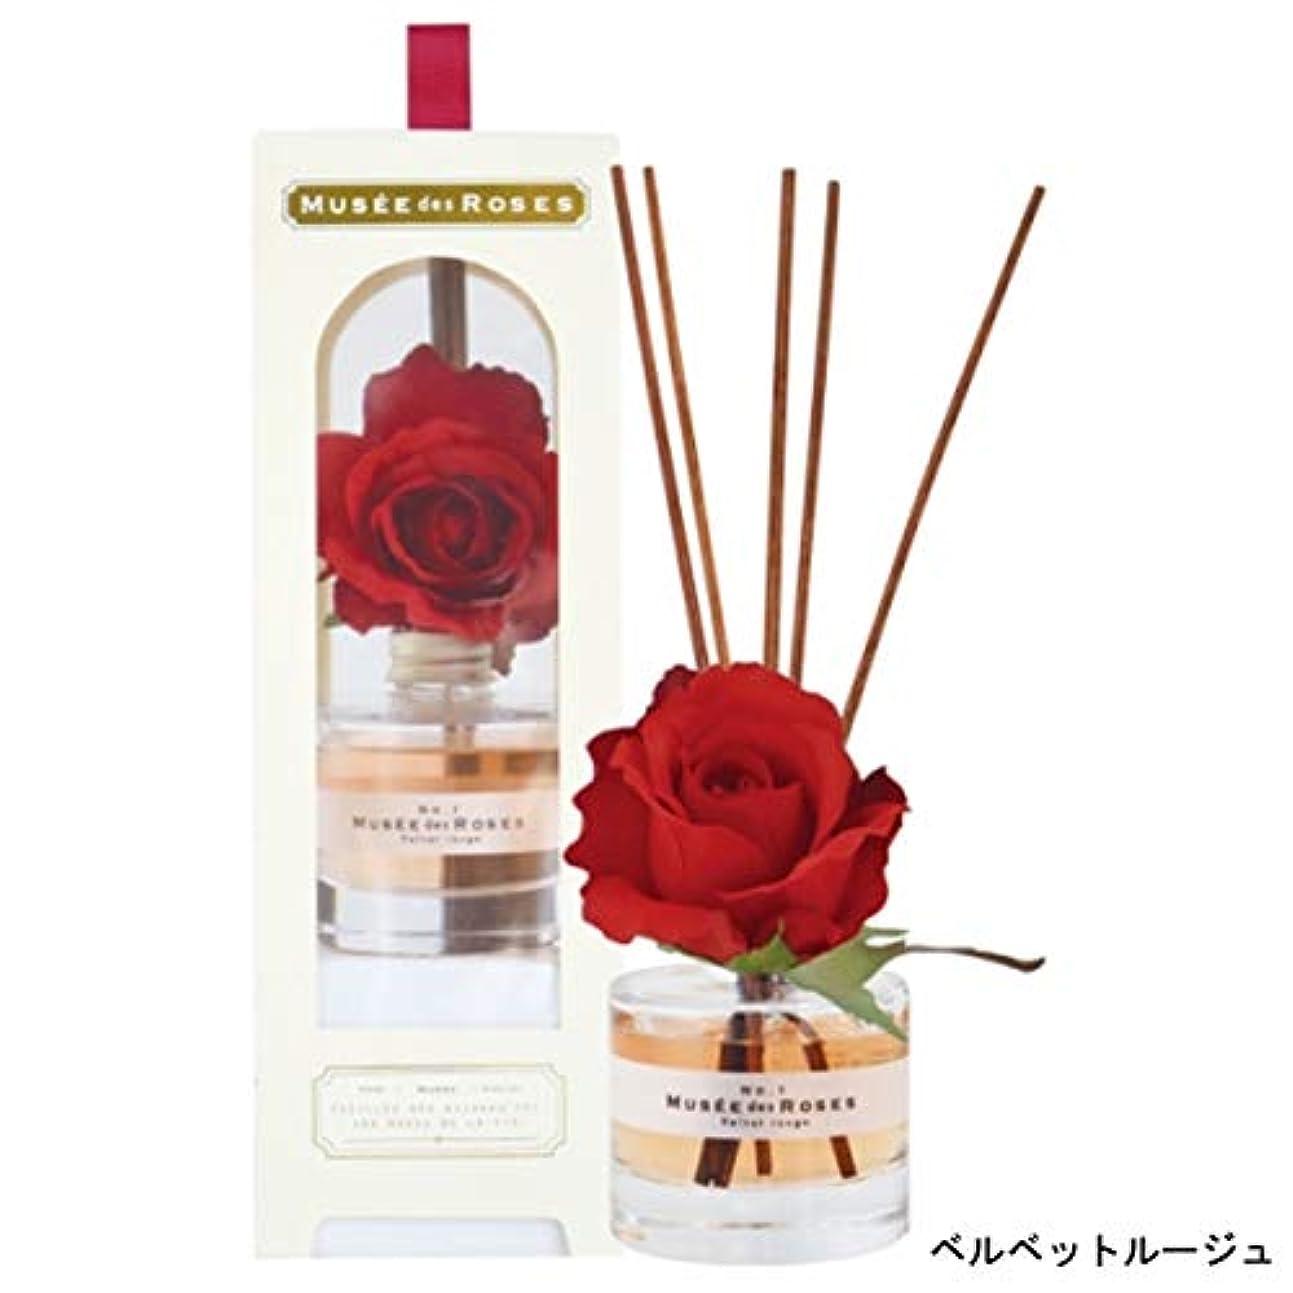 ミュゼドローズ フラワーディフューザー バラ(造花)が付いたリードディフューザー (ベルベットルージュ)